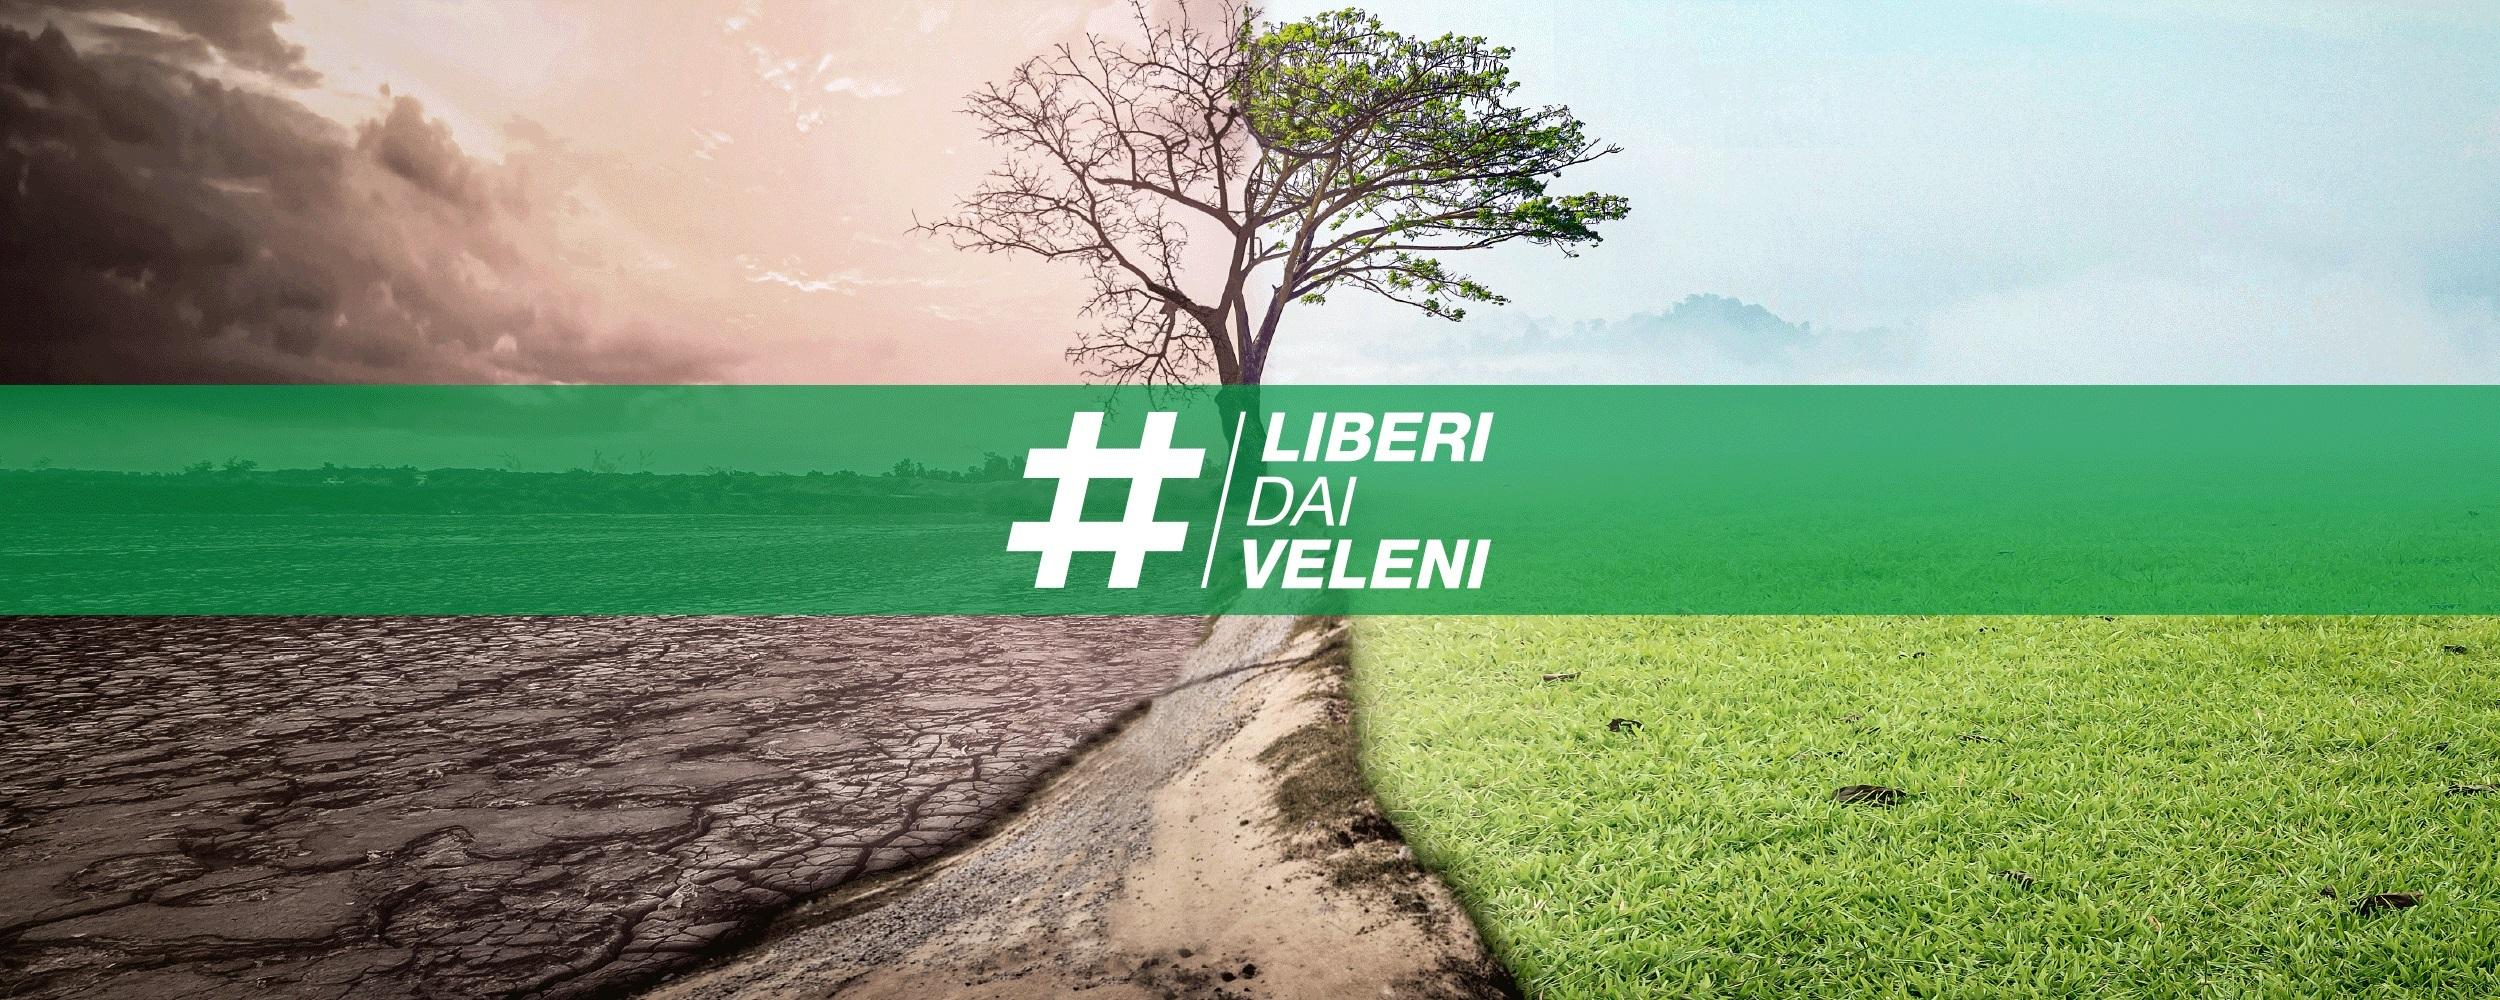 #liberidaiveleni,  ecogiustizia nei territori dell'Italia inquinata!